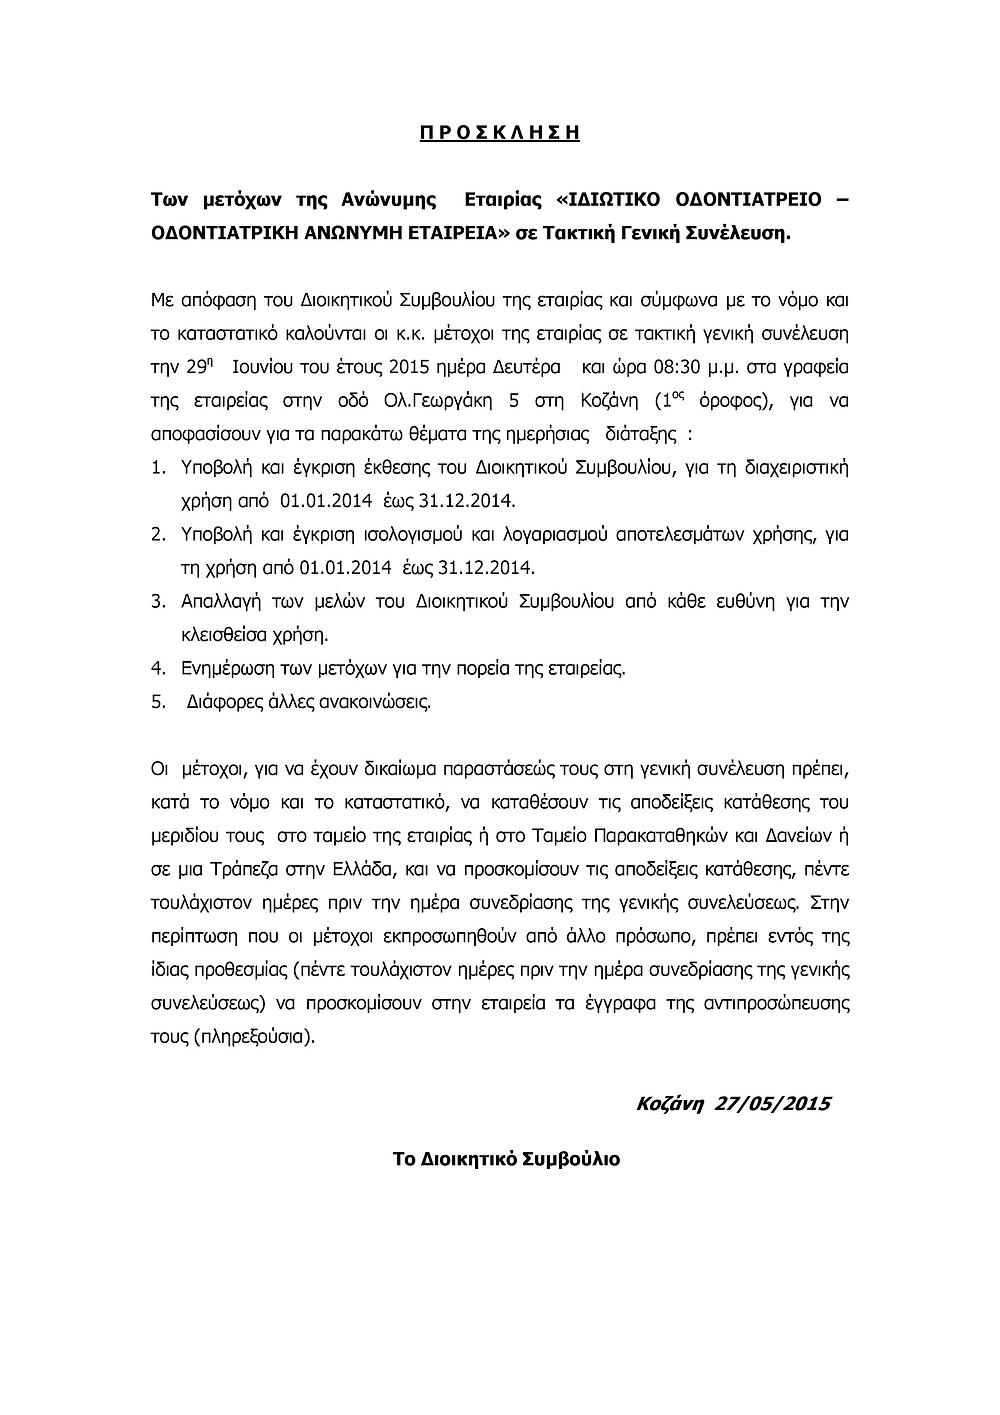 ΠΡΟΣΚΛΗΣΗ-page-001.jpg